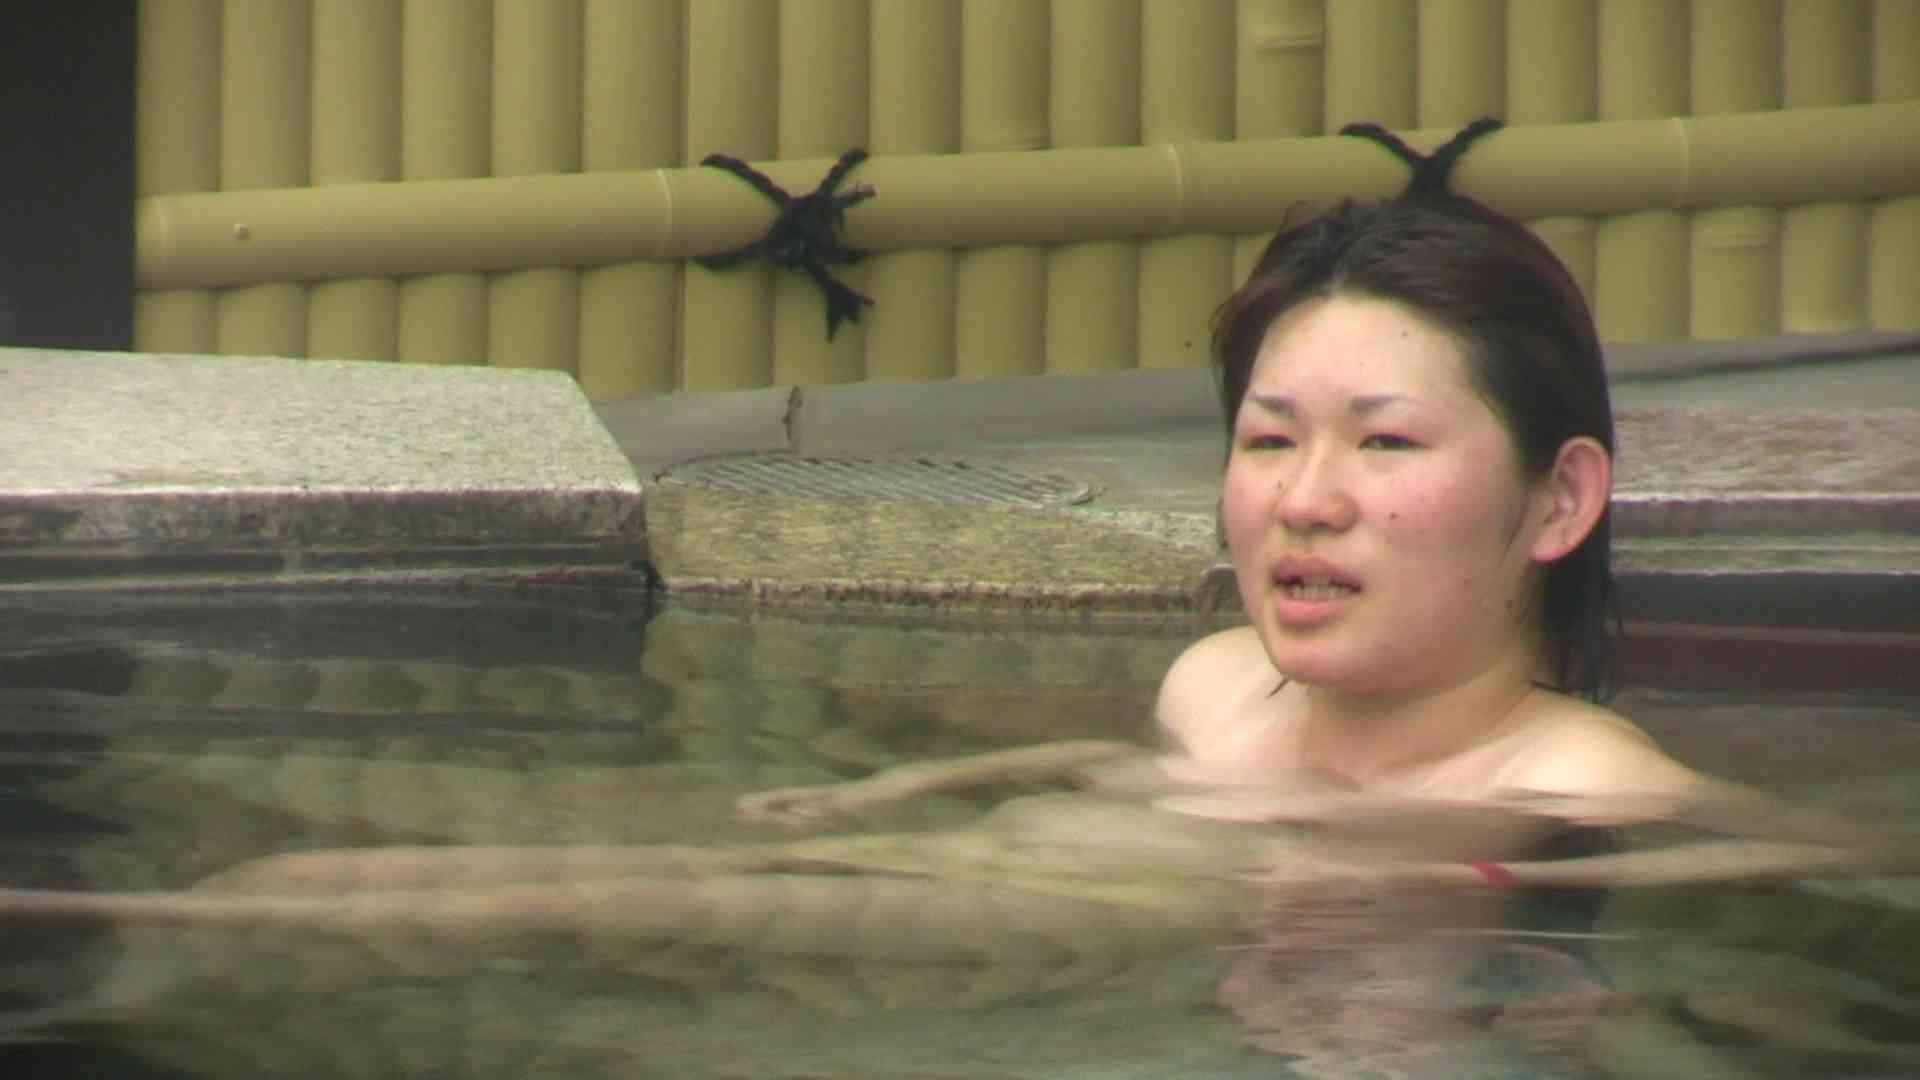 Aquaな露天風呂Vol.673 0   0  91pic 71